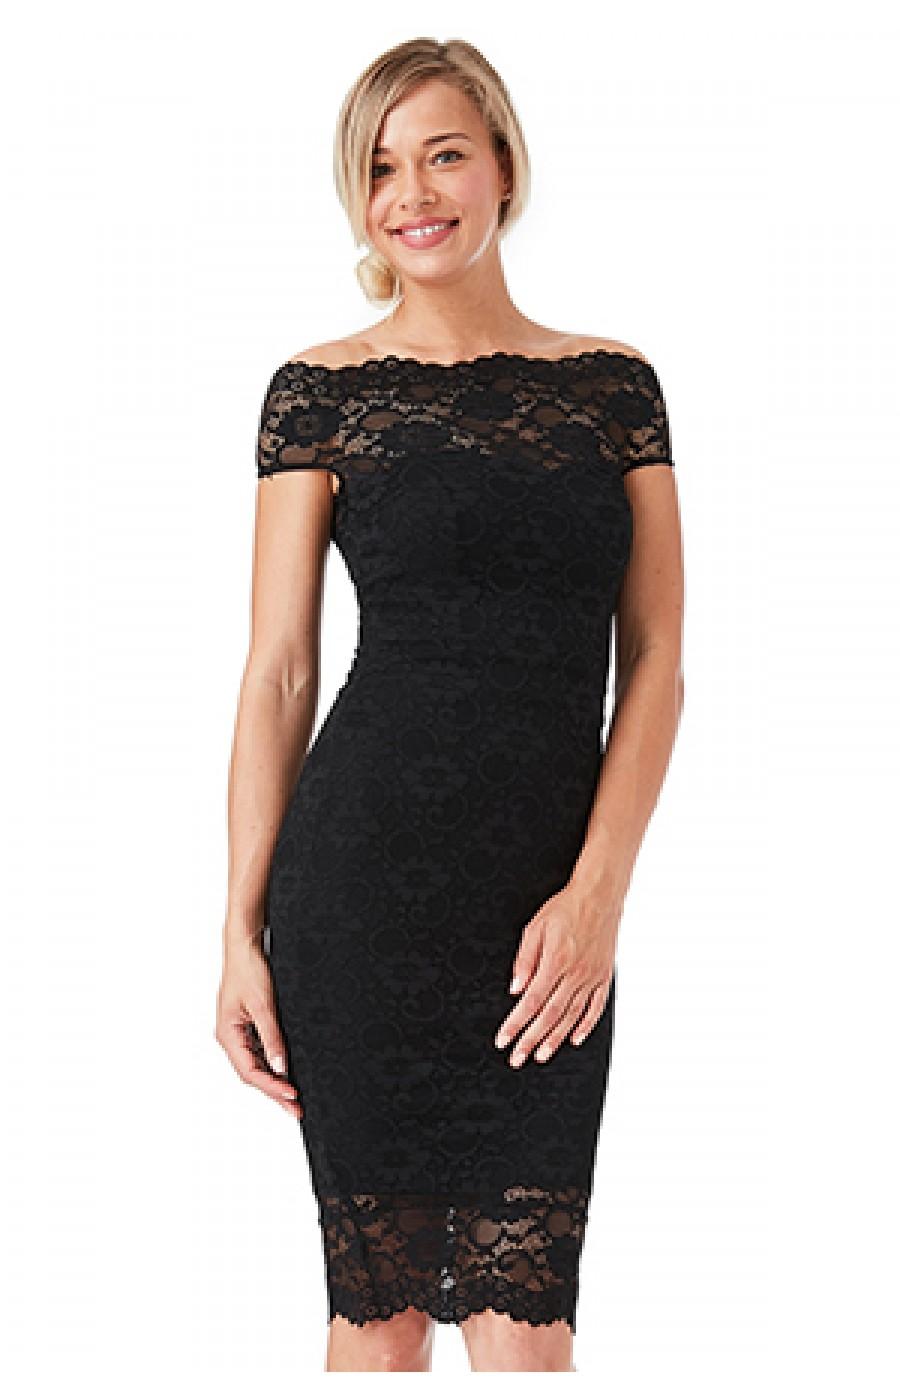 Μαυρο κοντο φορεμα με δαντελα